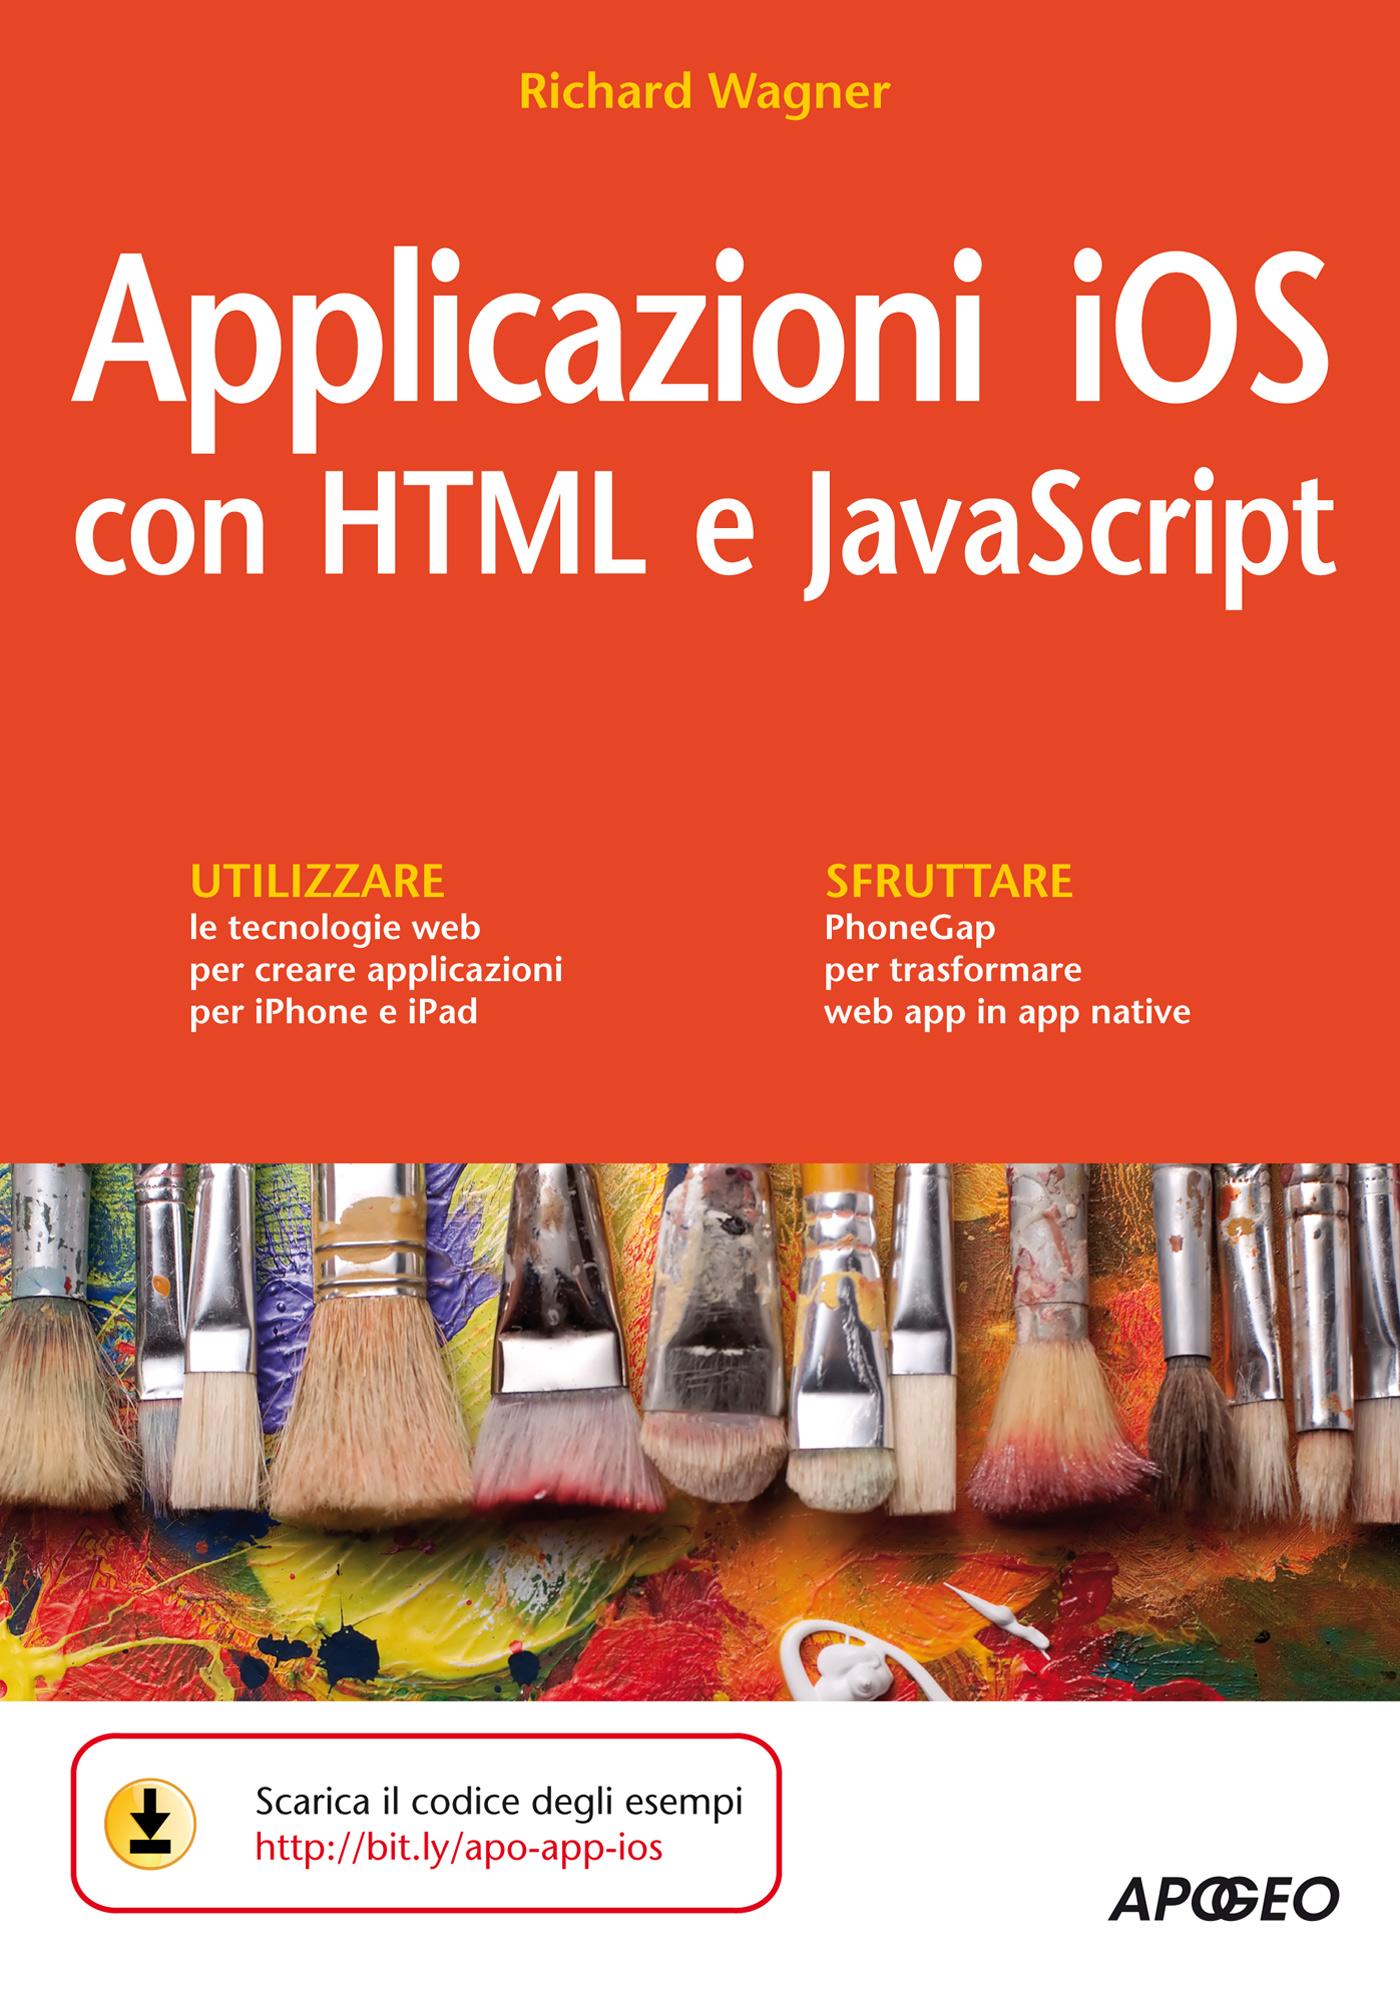 Applicazioni iOS con HTML e JavaScript